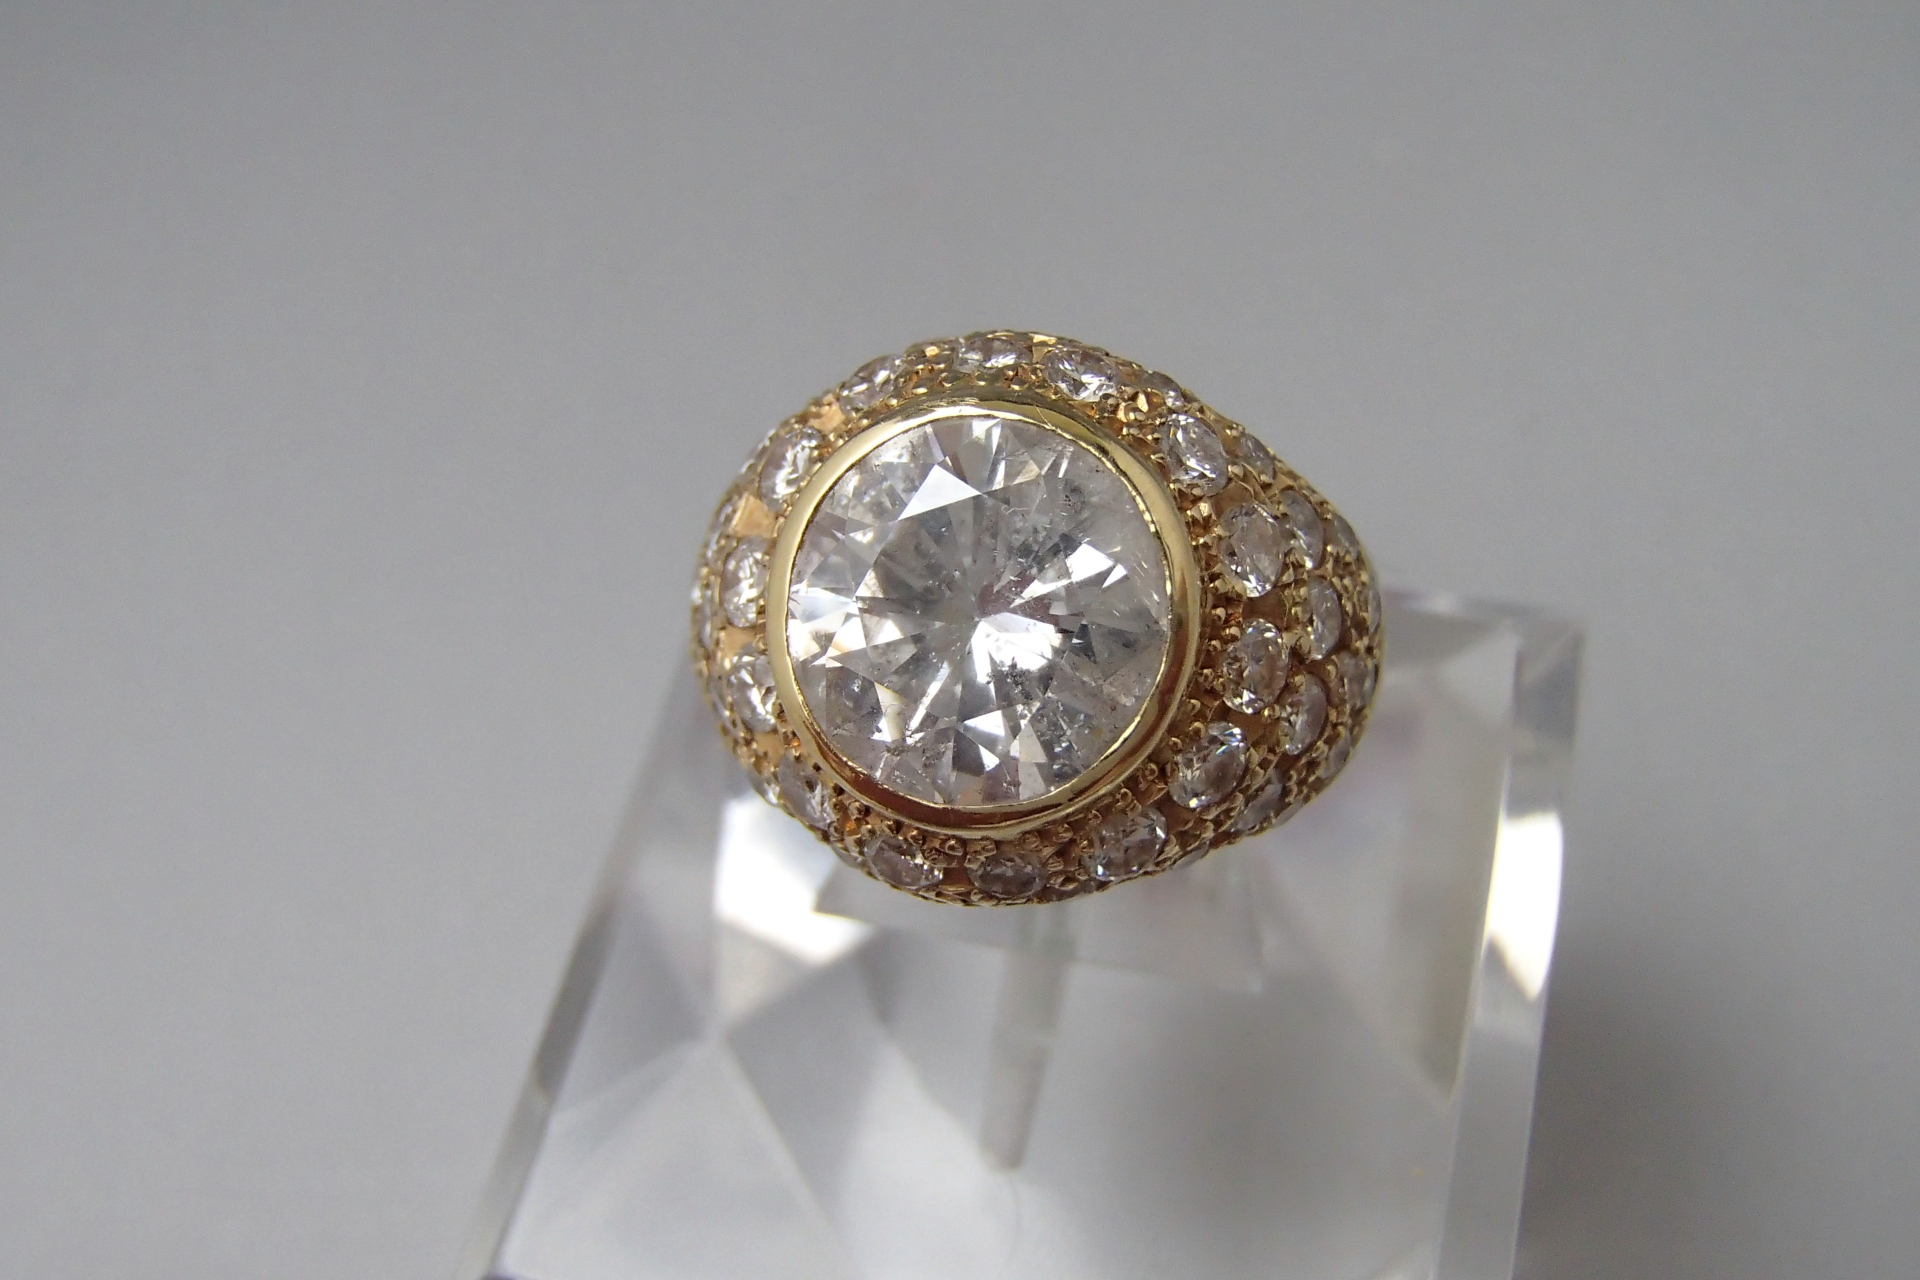 ダイヤモンド買取に悩む時には口コミが大事って本当なの?